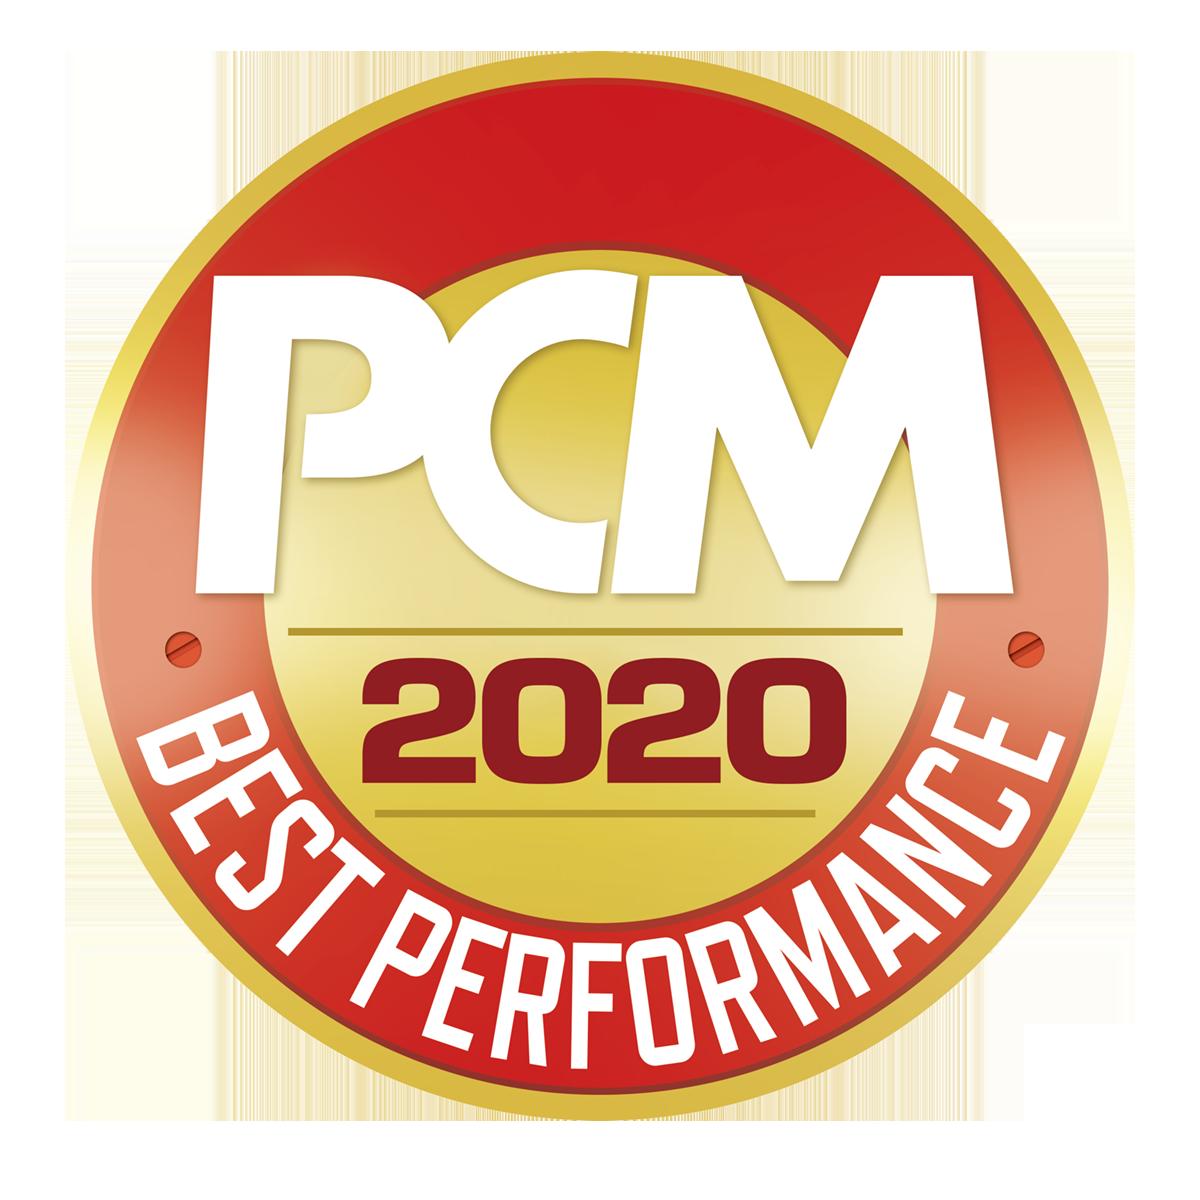 PCM Best Performance 2020